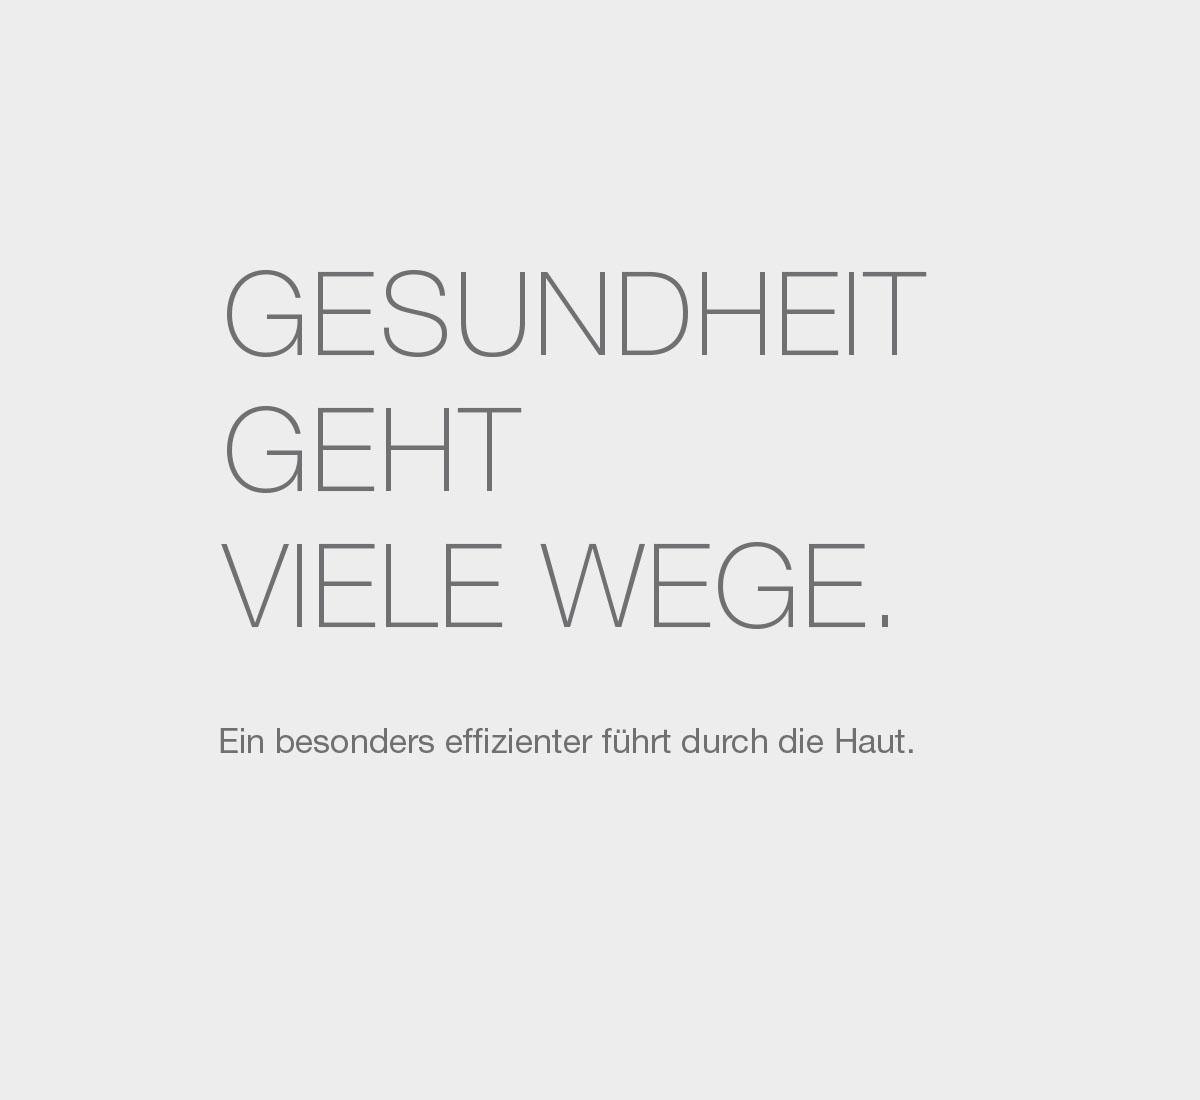 lehnstein-portfolio-lts-anzeigen-tsg-faces.indd